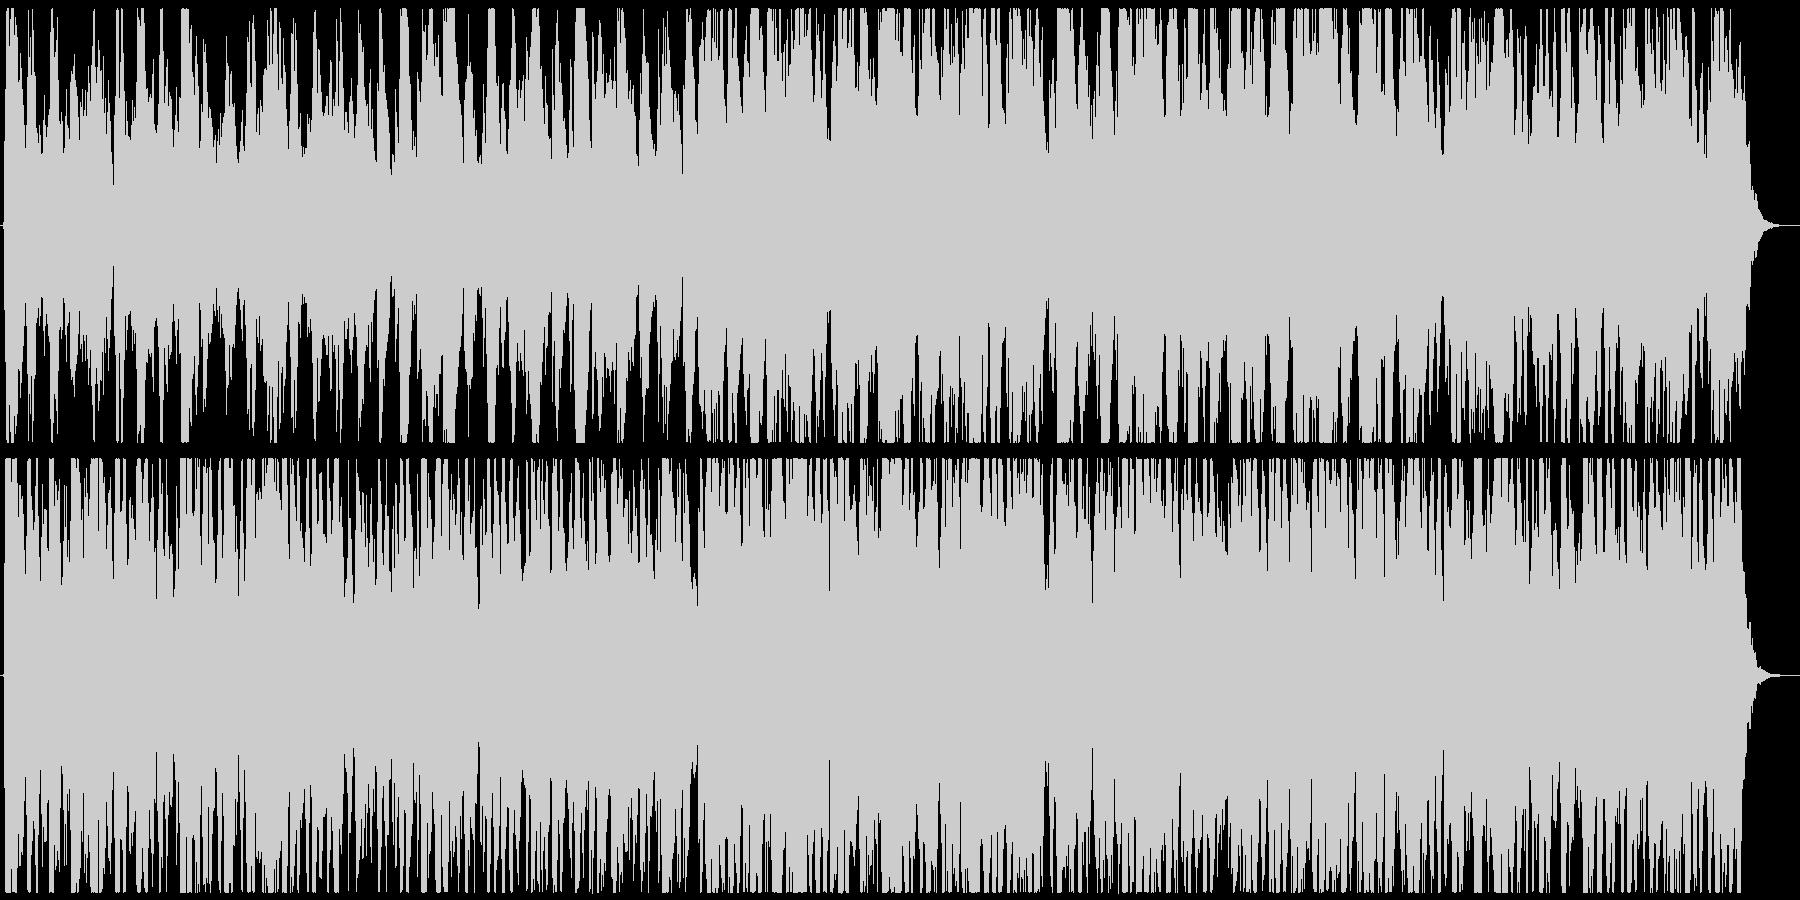 ホラー・ハロウィン向けオーケストラ(短1の未再生の波形